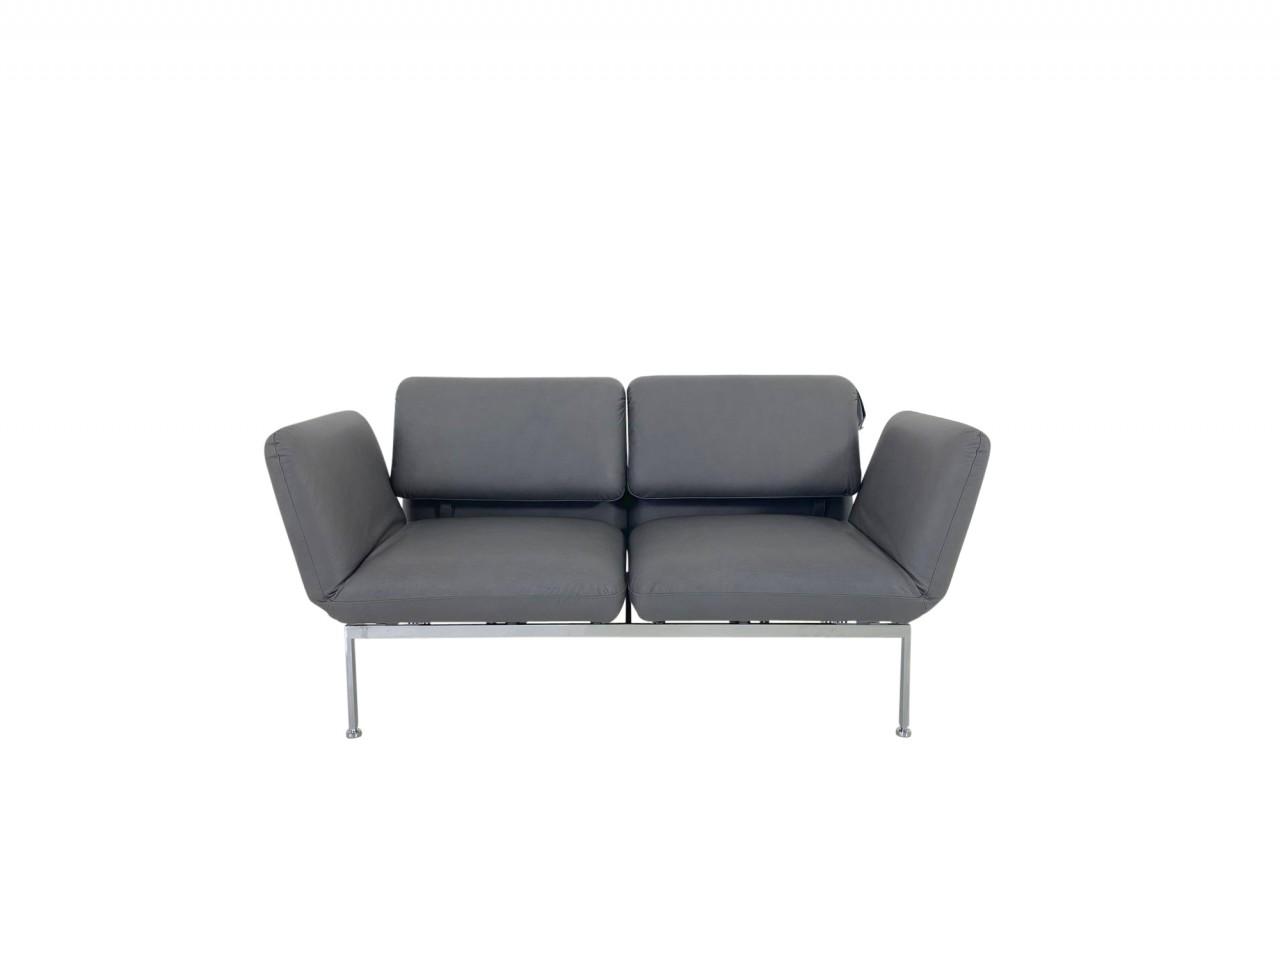 Brühl Roro small Sofa 2 im edlen Gaucho Leder grau mit verchromten Gestell und Rollen hinten